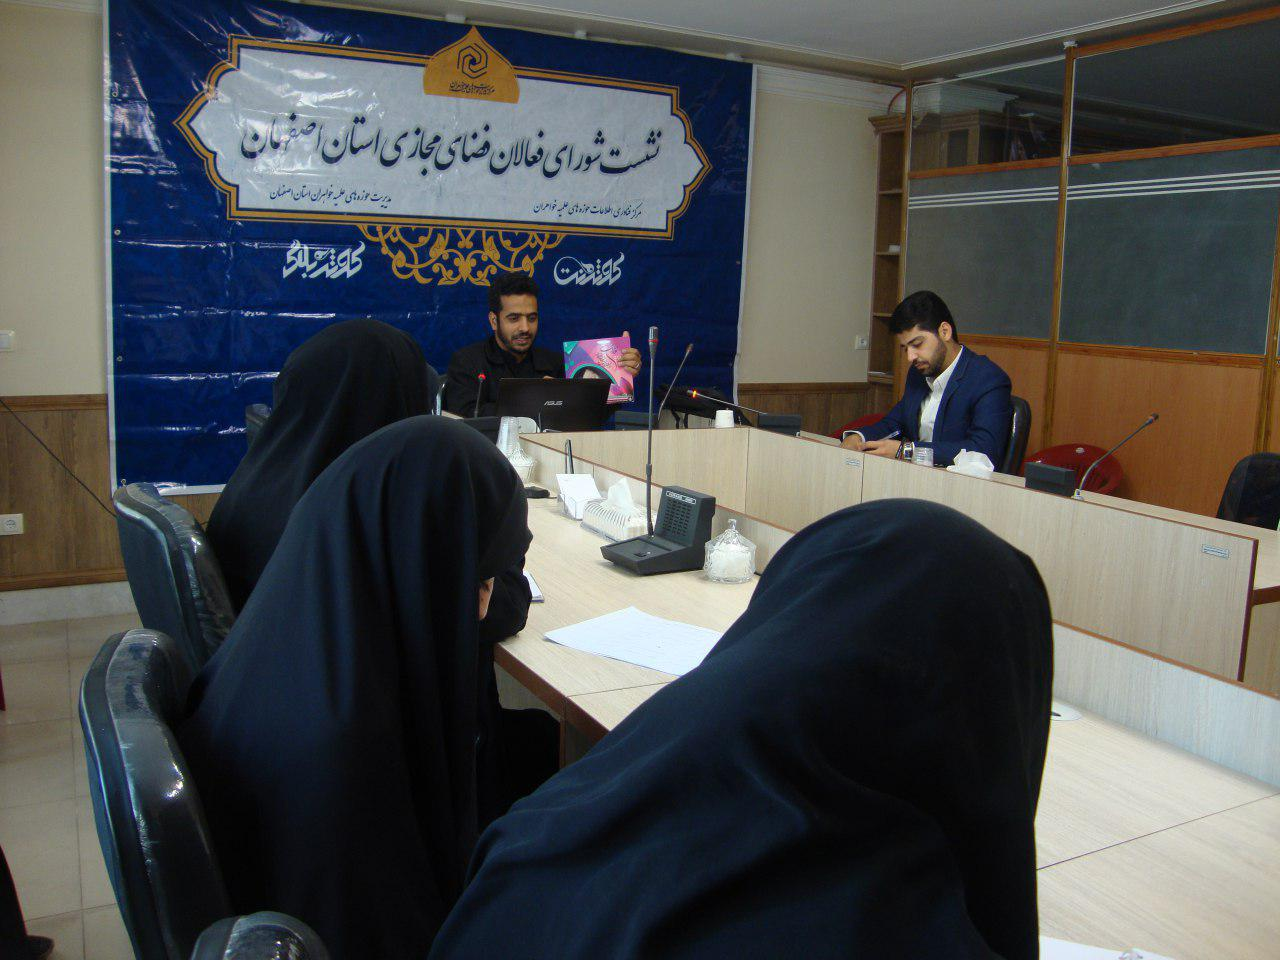 نشست شورای فعالان فضای مجازی اصفهان